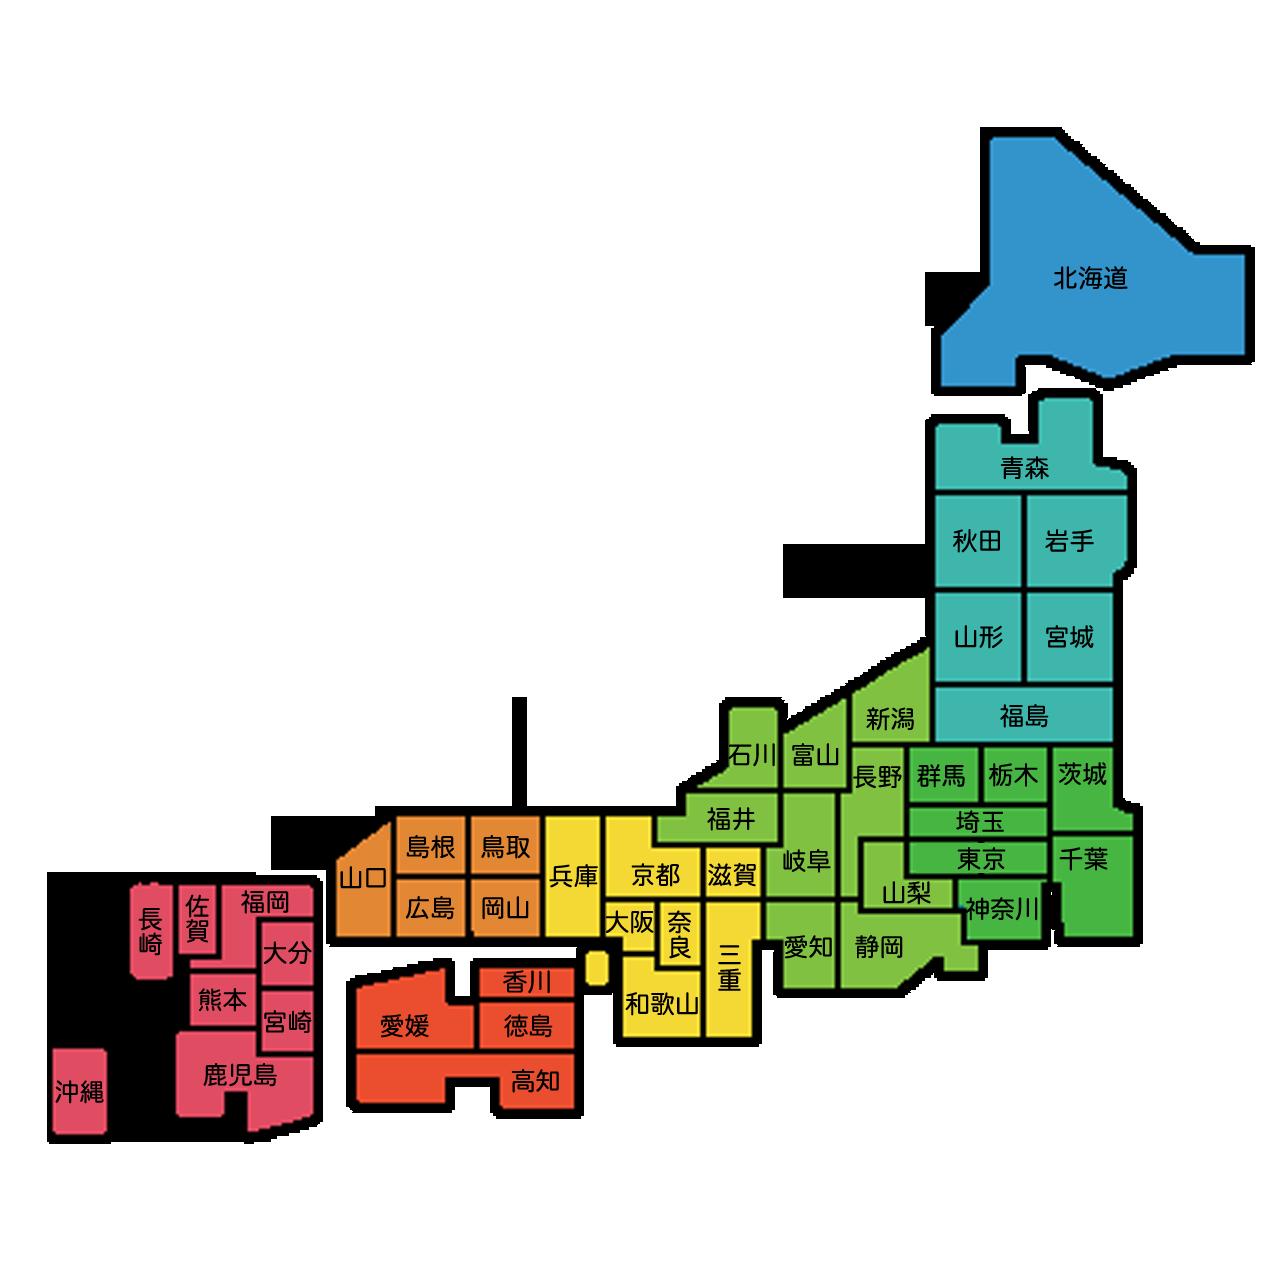 完全無料の日本地図イラスト集 ... : 中国地方マップ : すべての講義